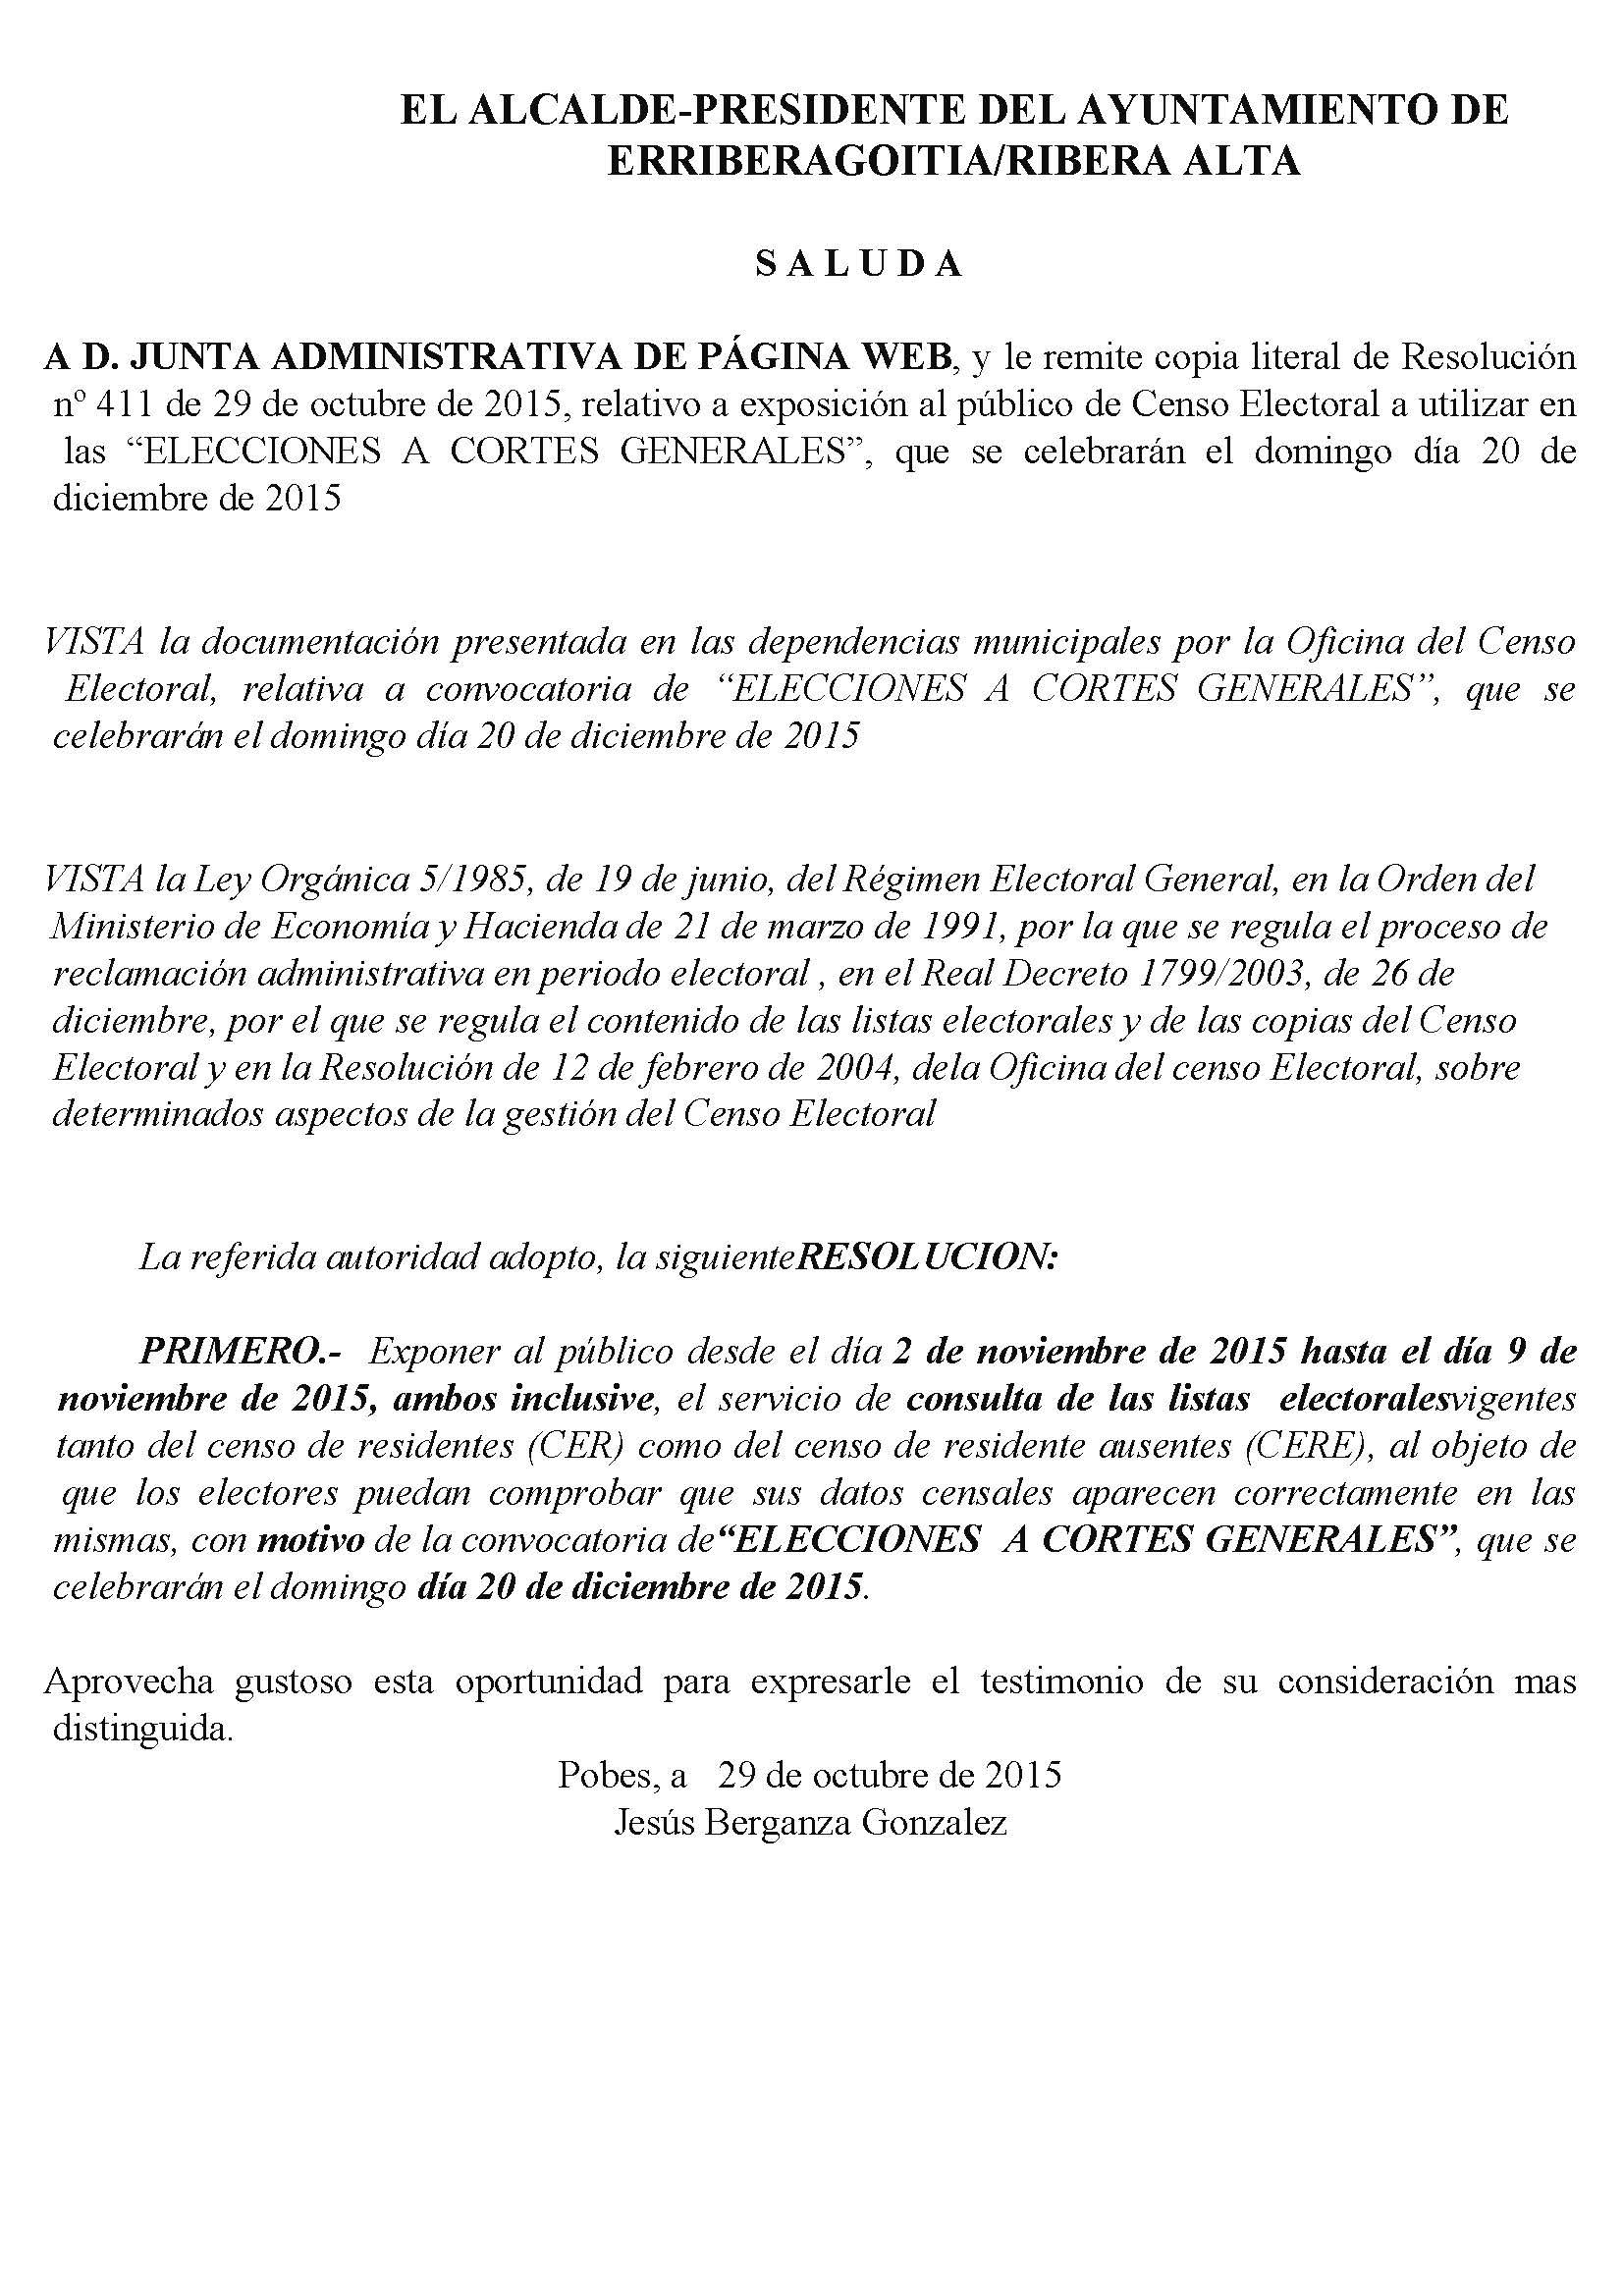 """Exposición al público de Censo Electoral a utilizar en las """"ELECCIONES A CORTES GENERALES"""""""